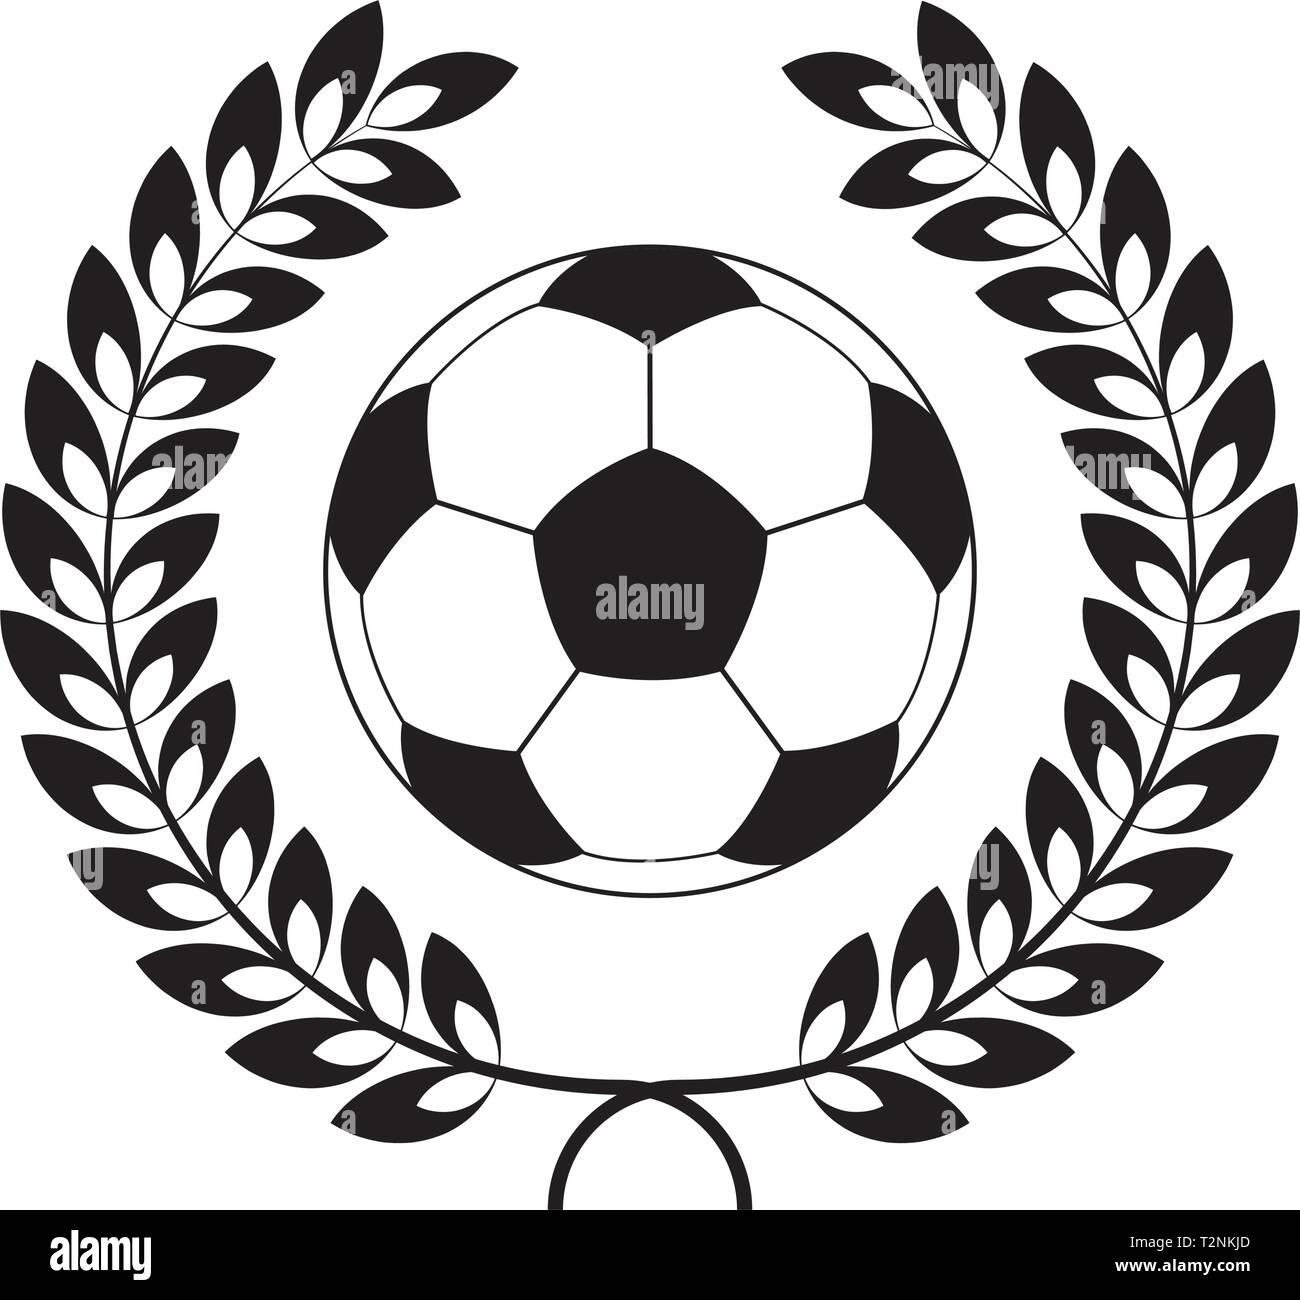 Fussball Symbol Im Lorbeerkranz Vector Illustration Vektor